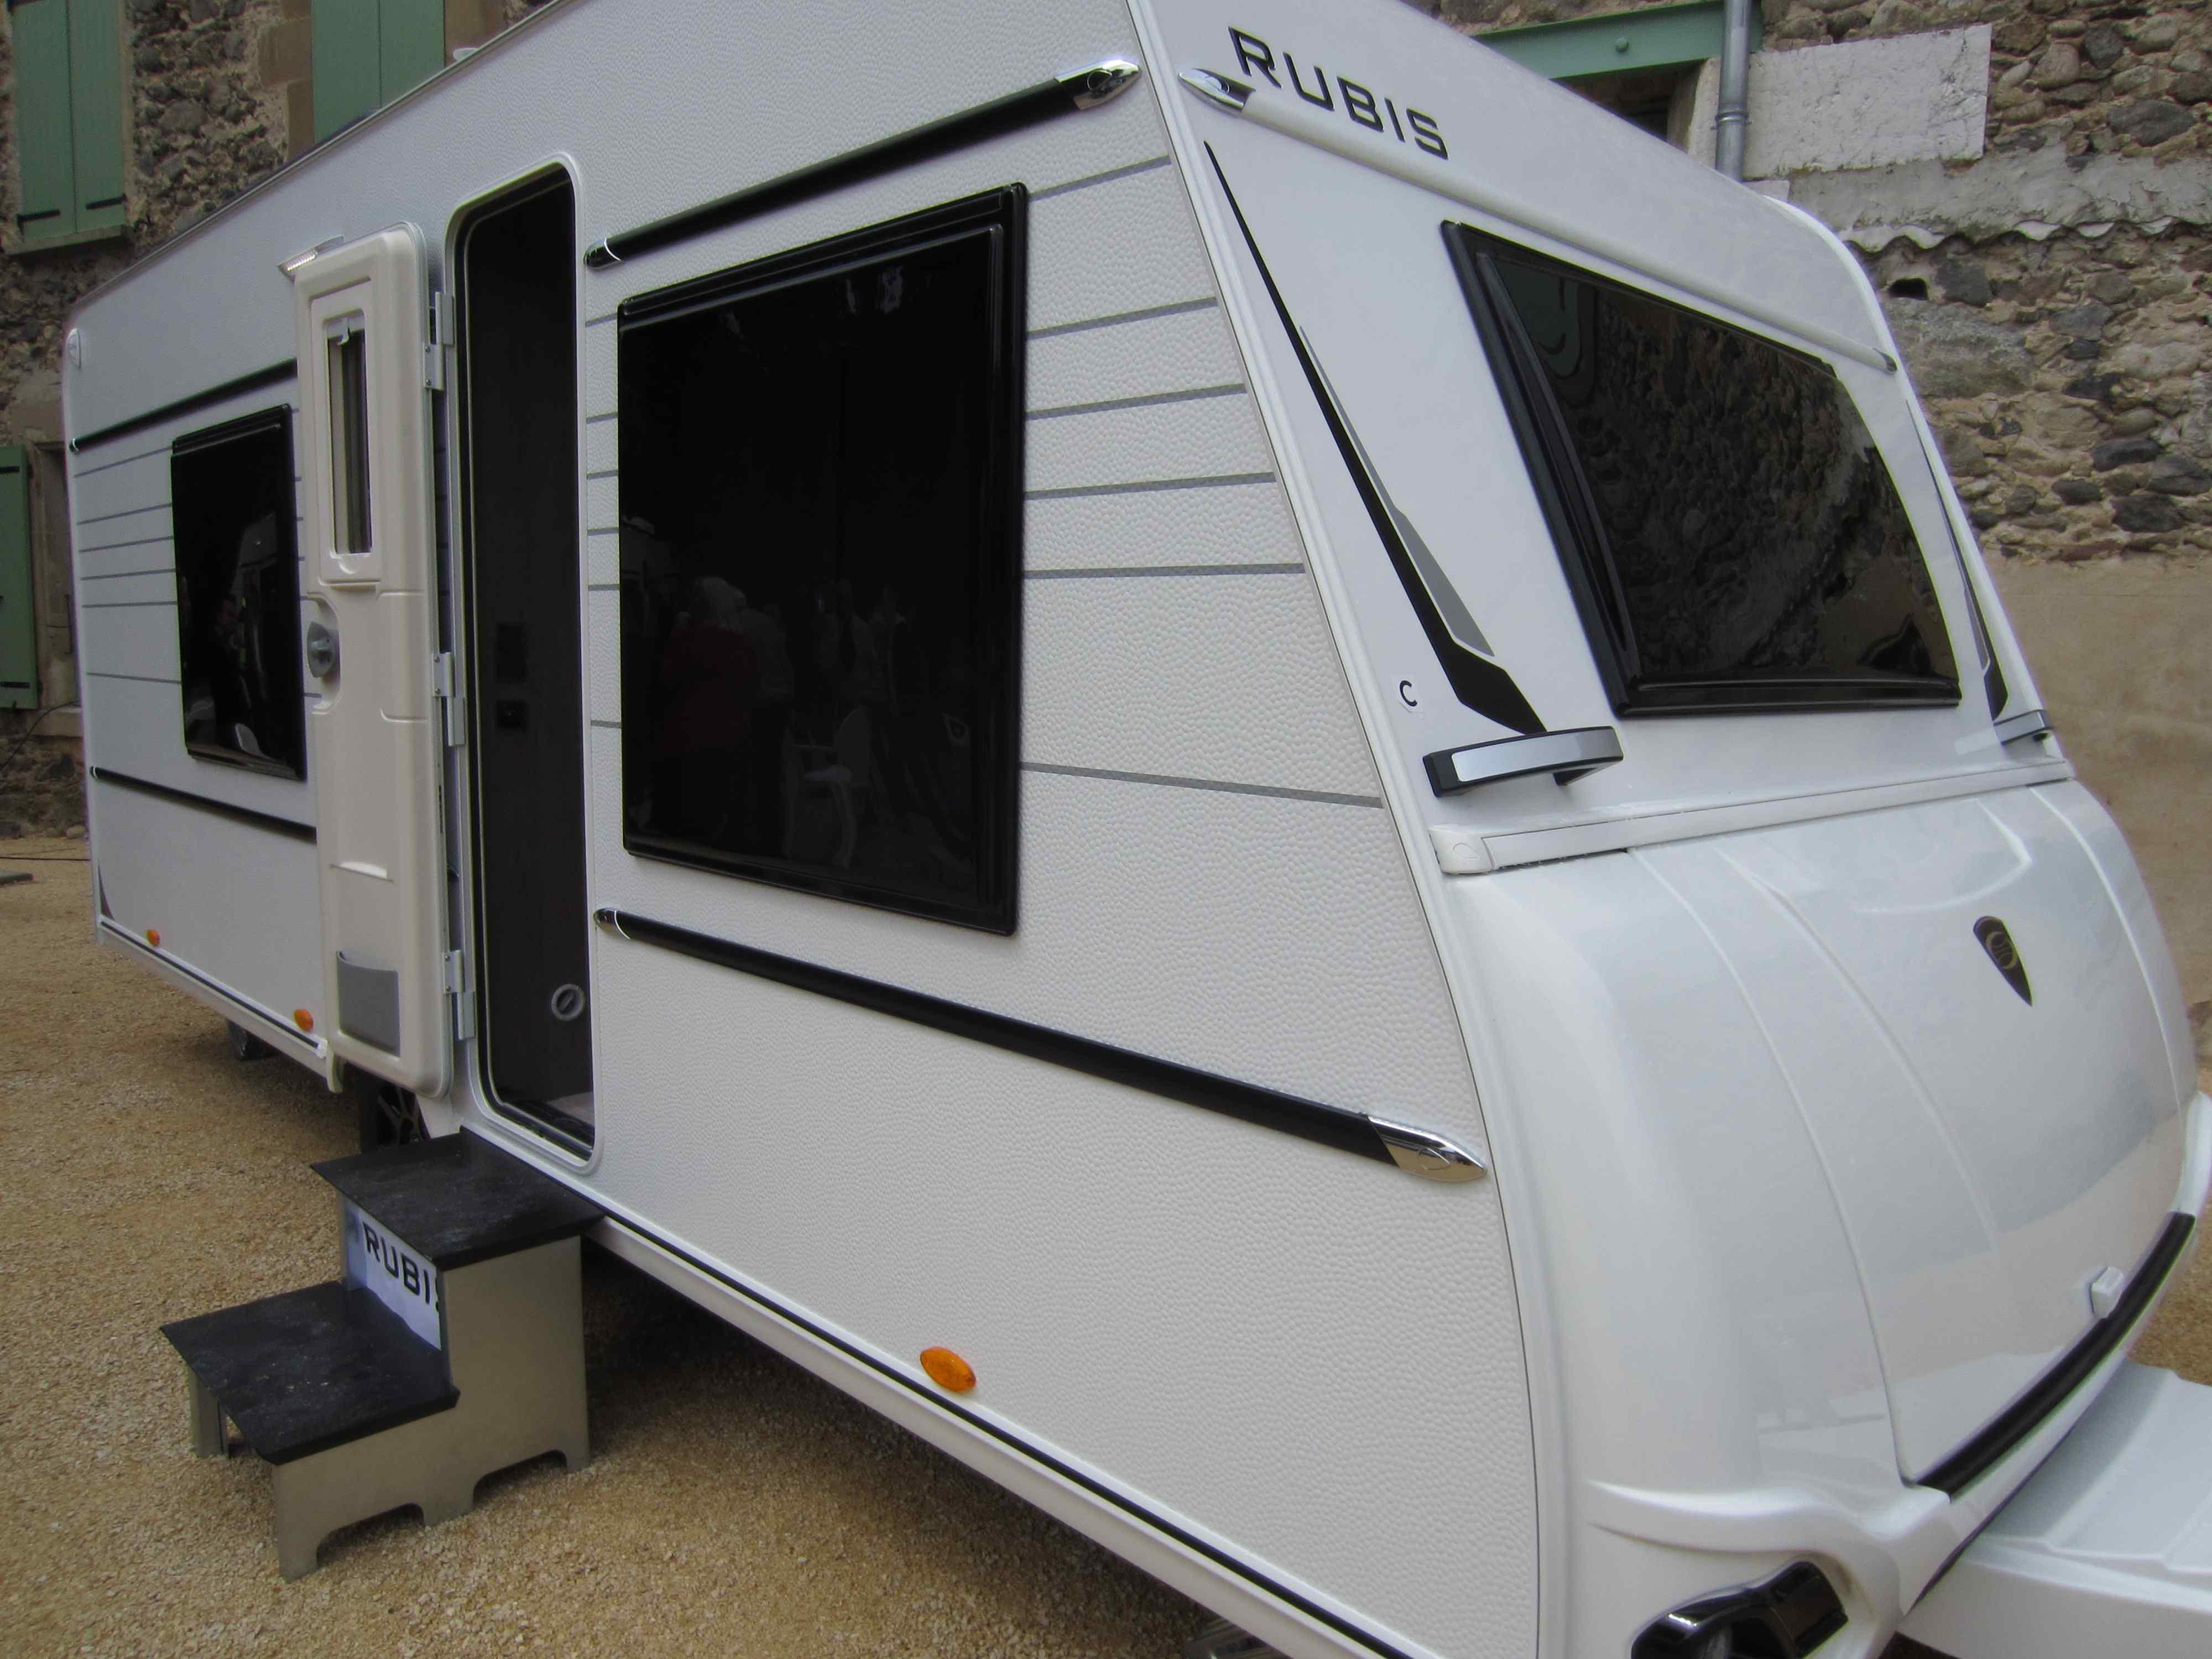 Rubis 500 modèle 2020 Fabre caravanes